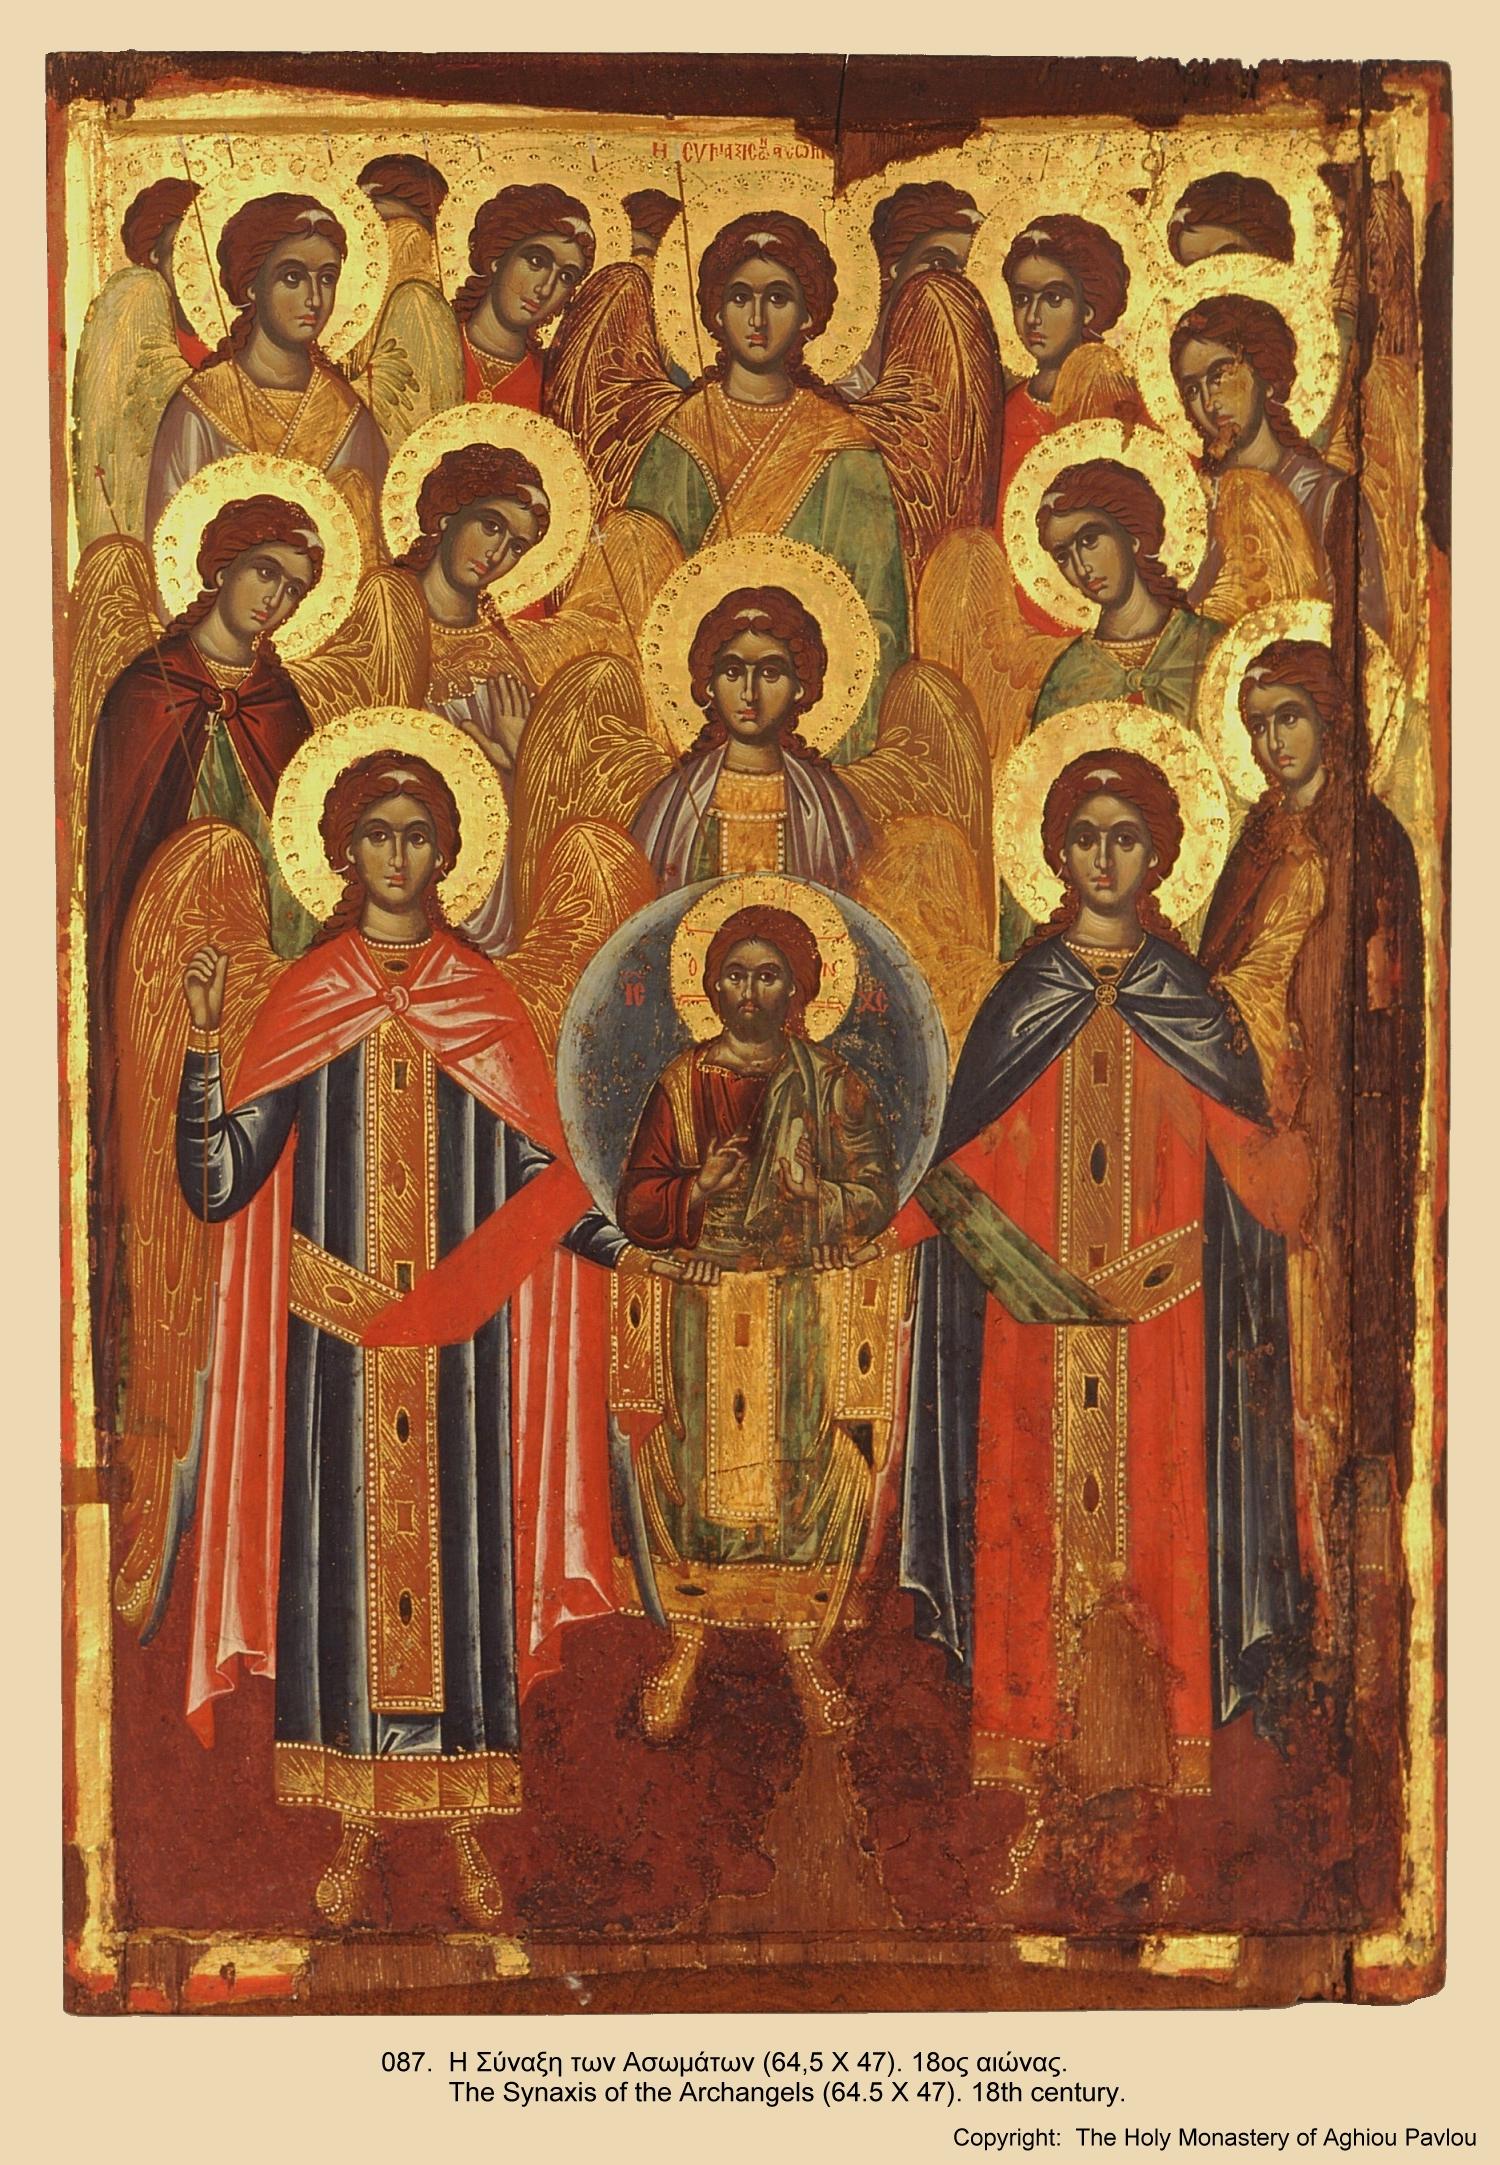 Иконы монастыря св. Павла (86)